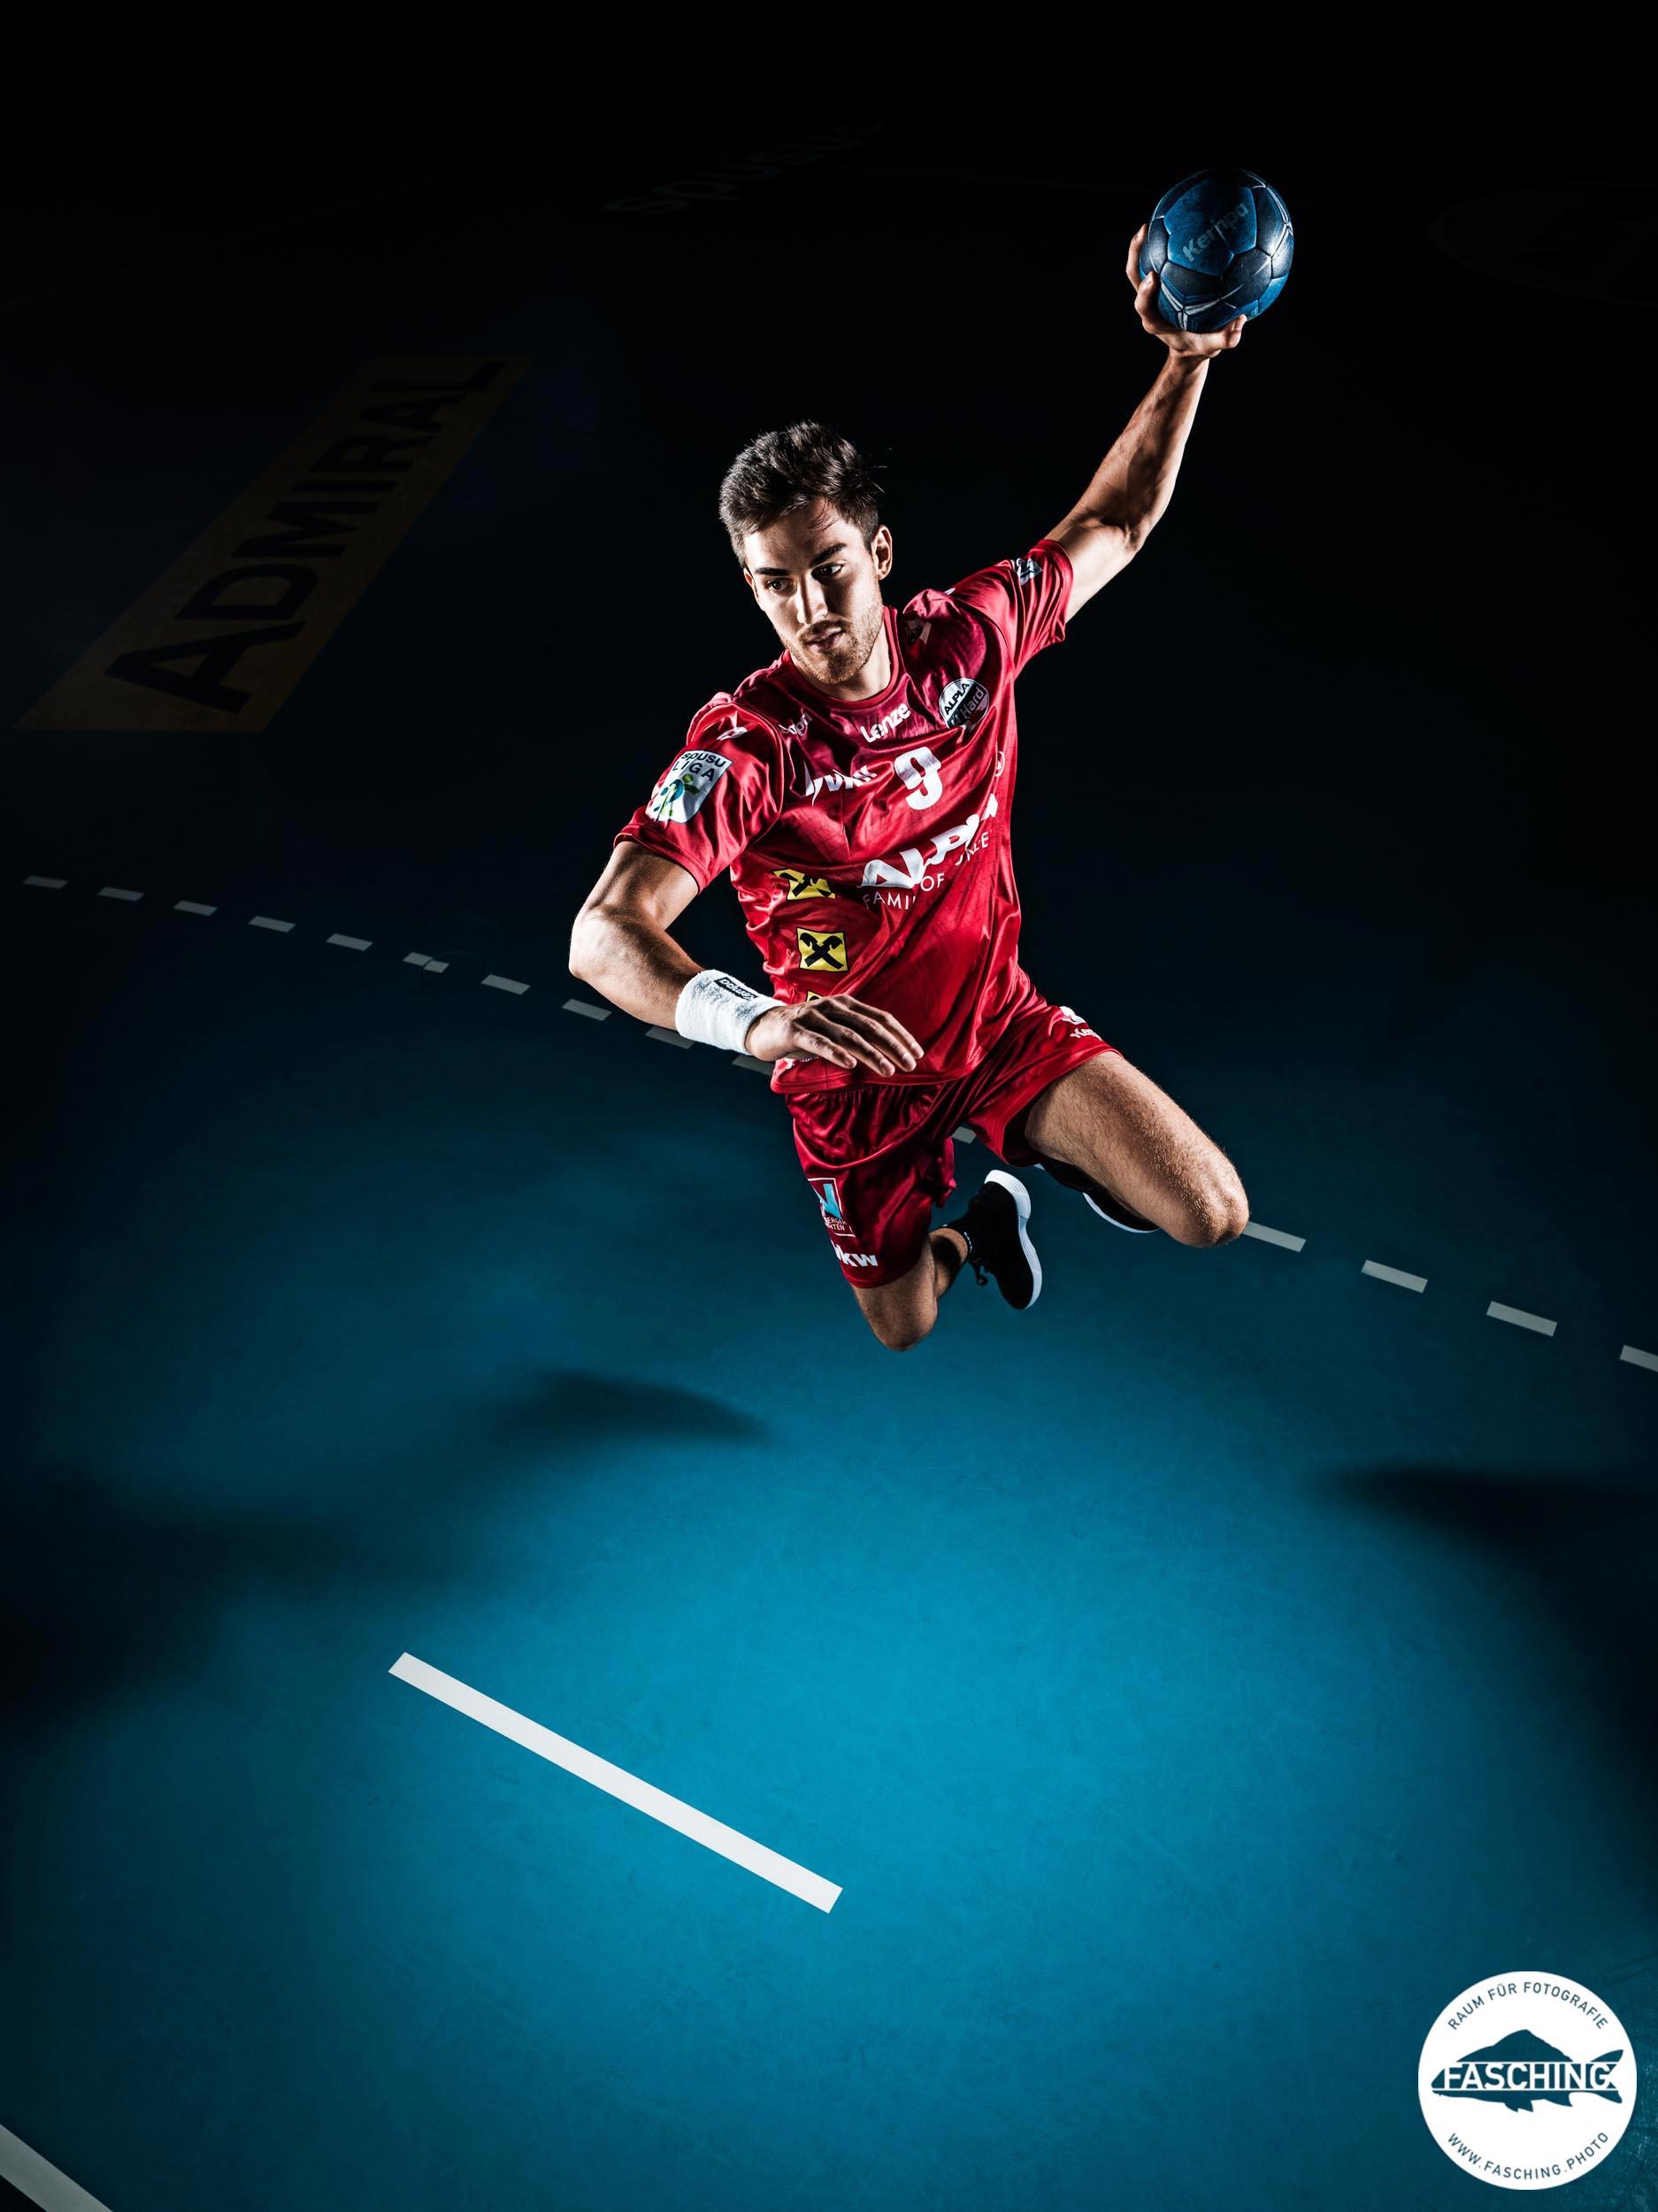 Actionbild eines Sprungwurfes, vom Vorarlberger Werbefotograf Luca Fasching